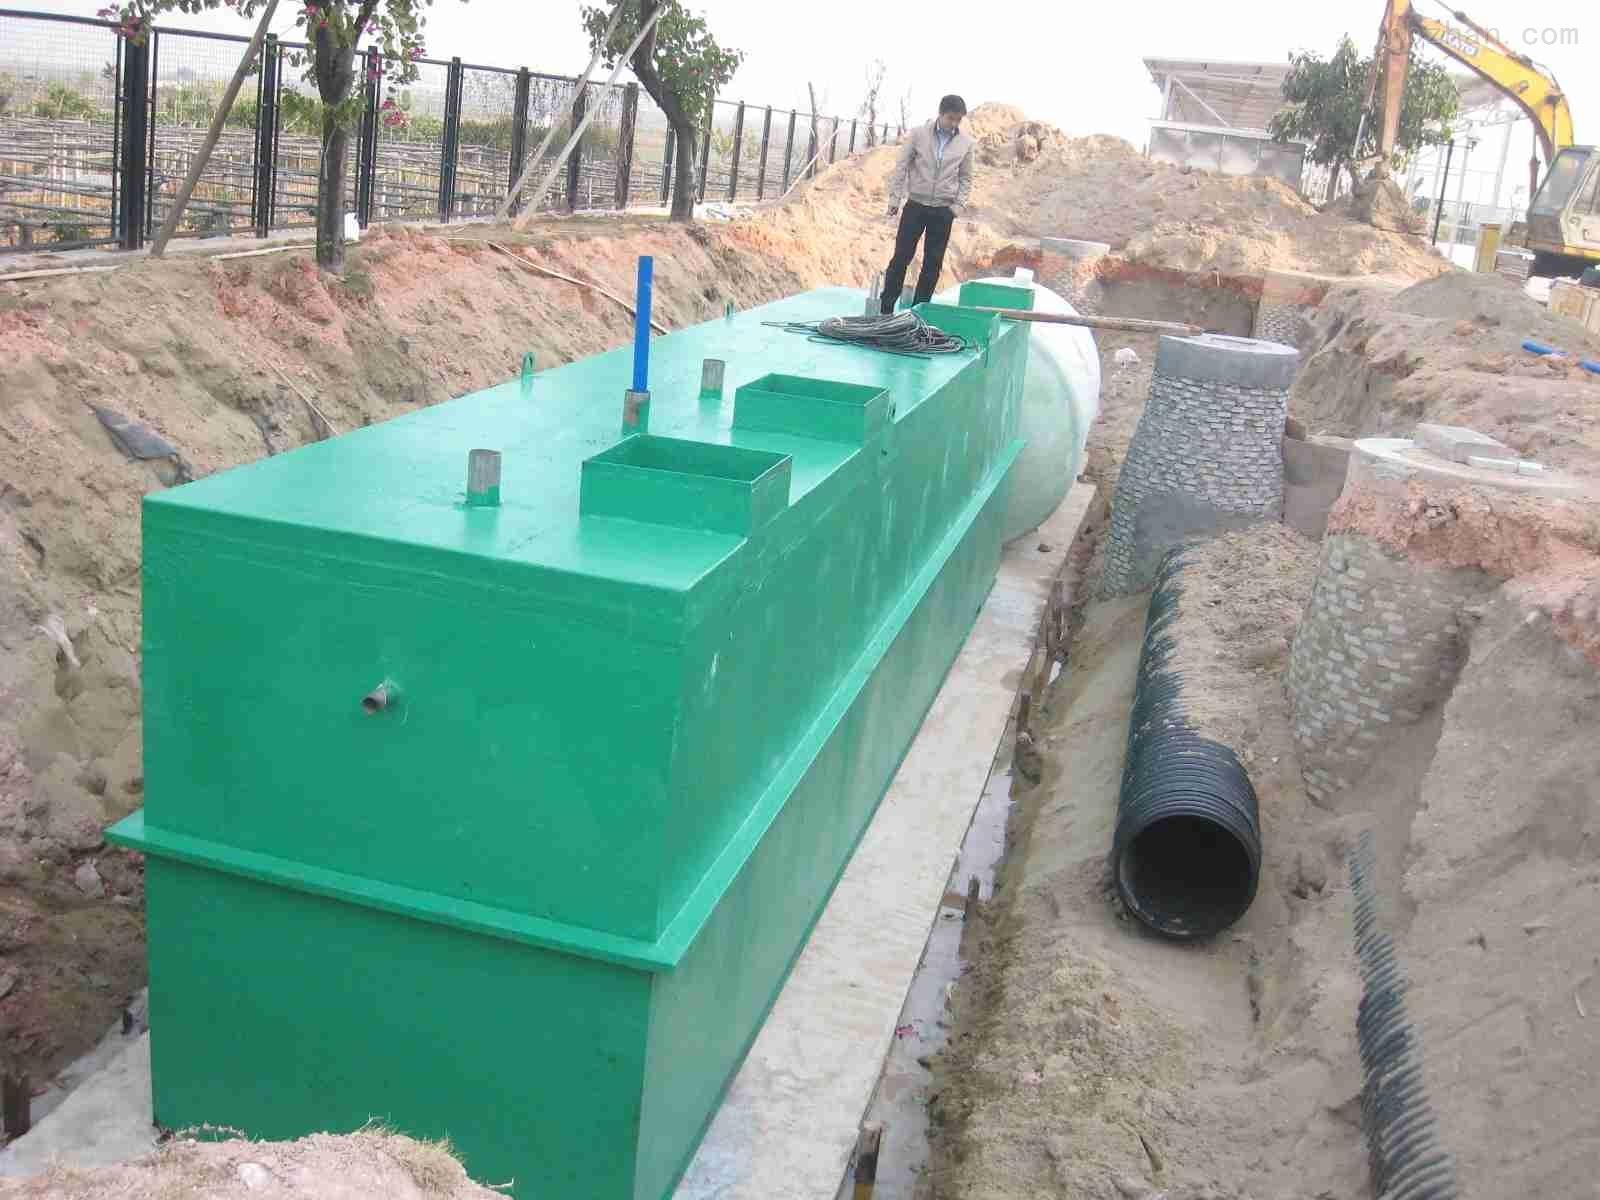 畜牧屠宰厂废水处理设备厂家定制